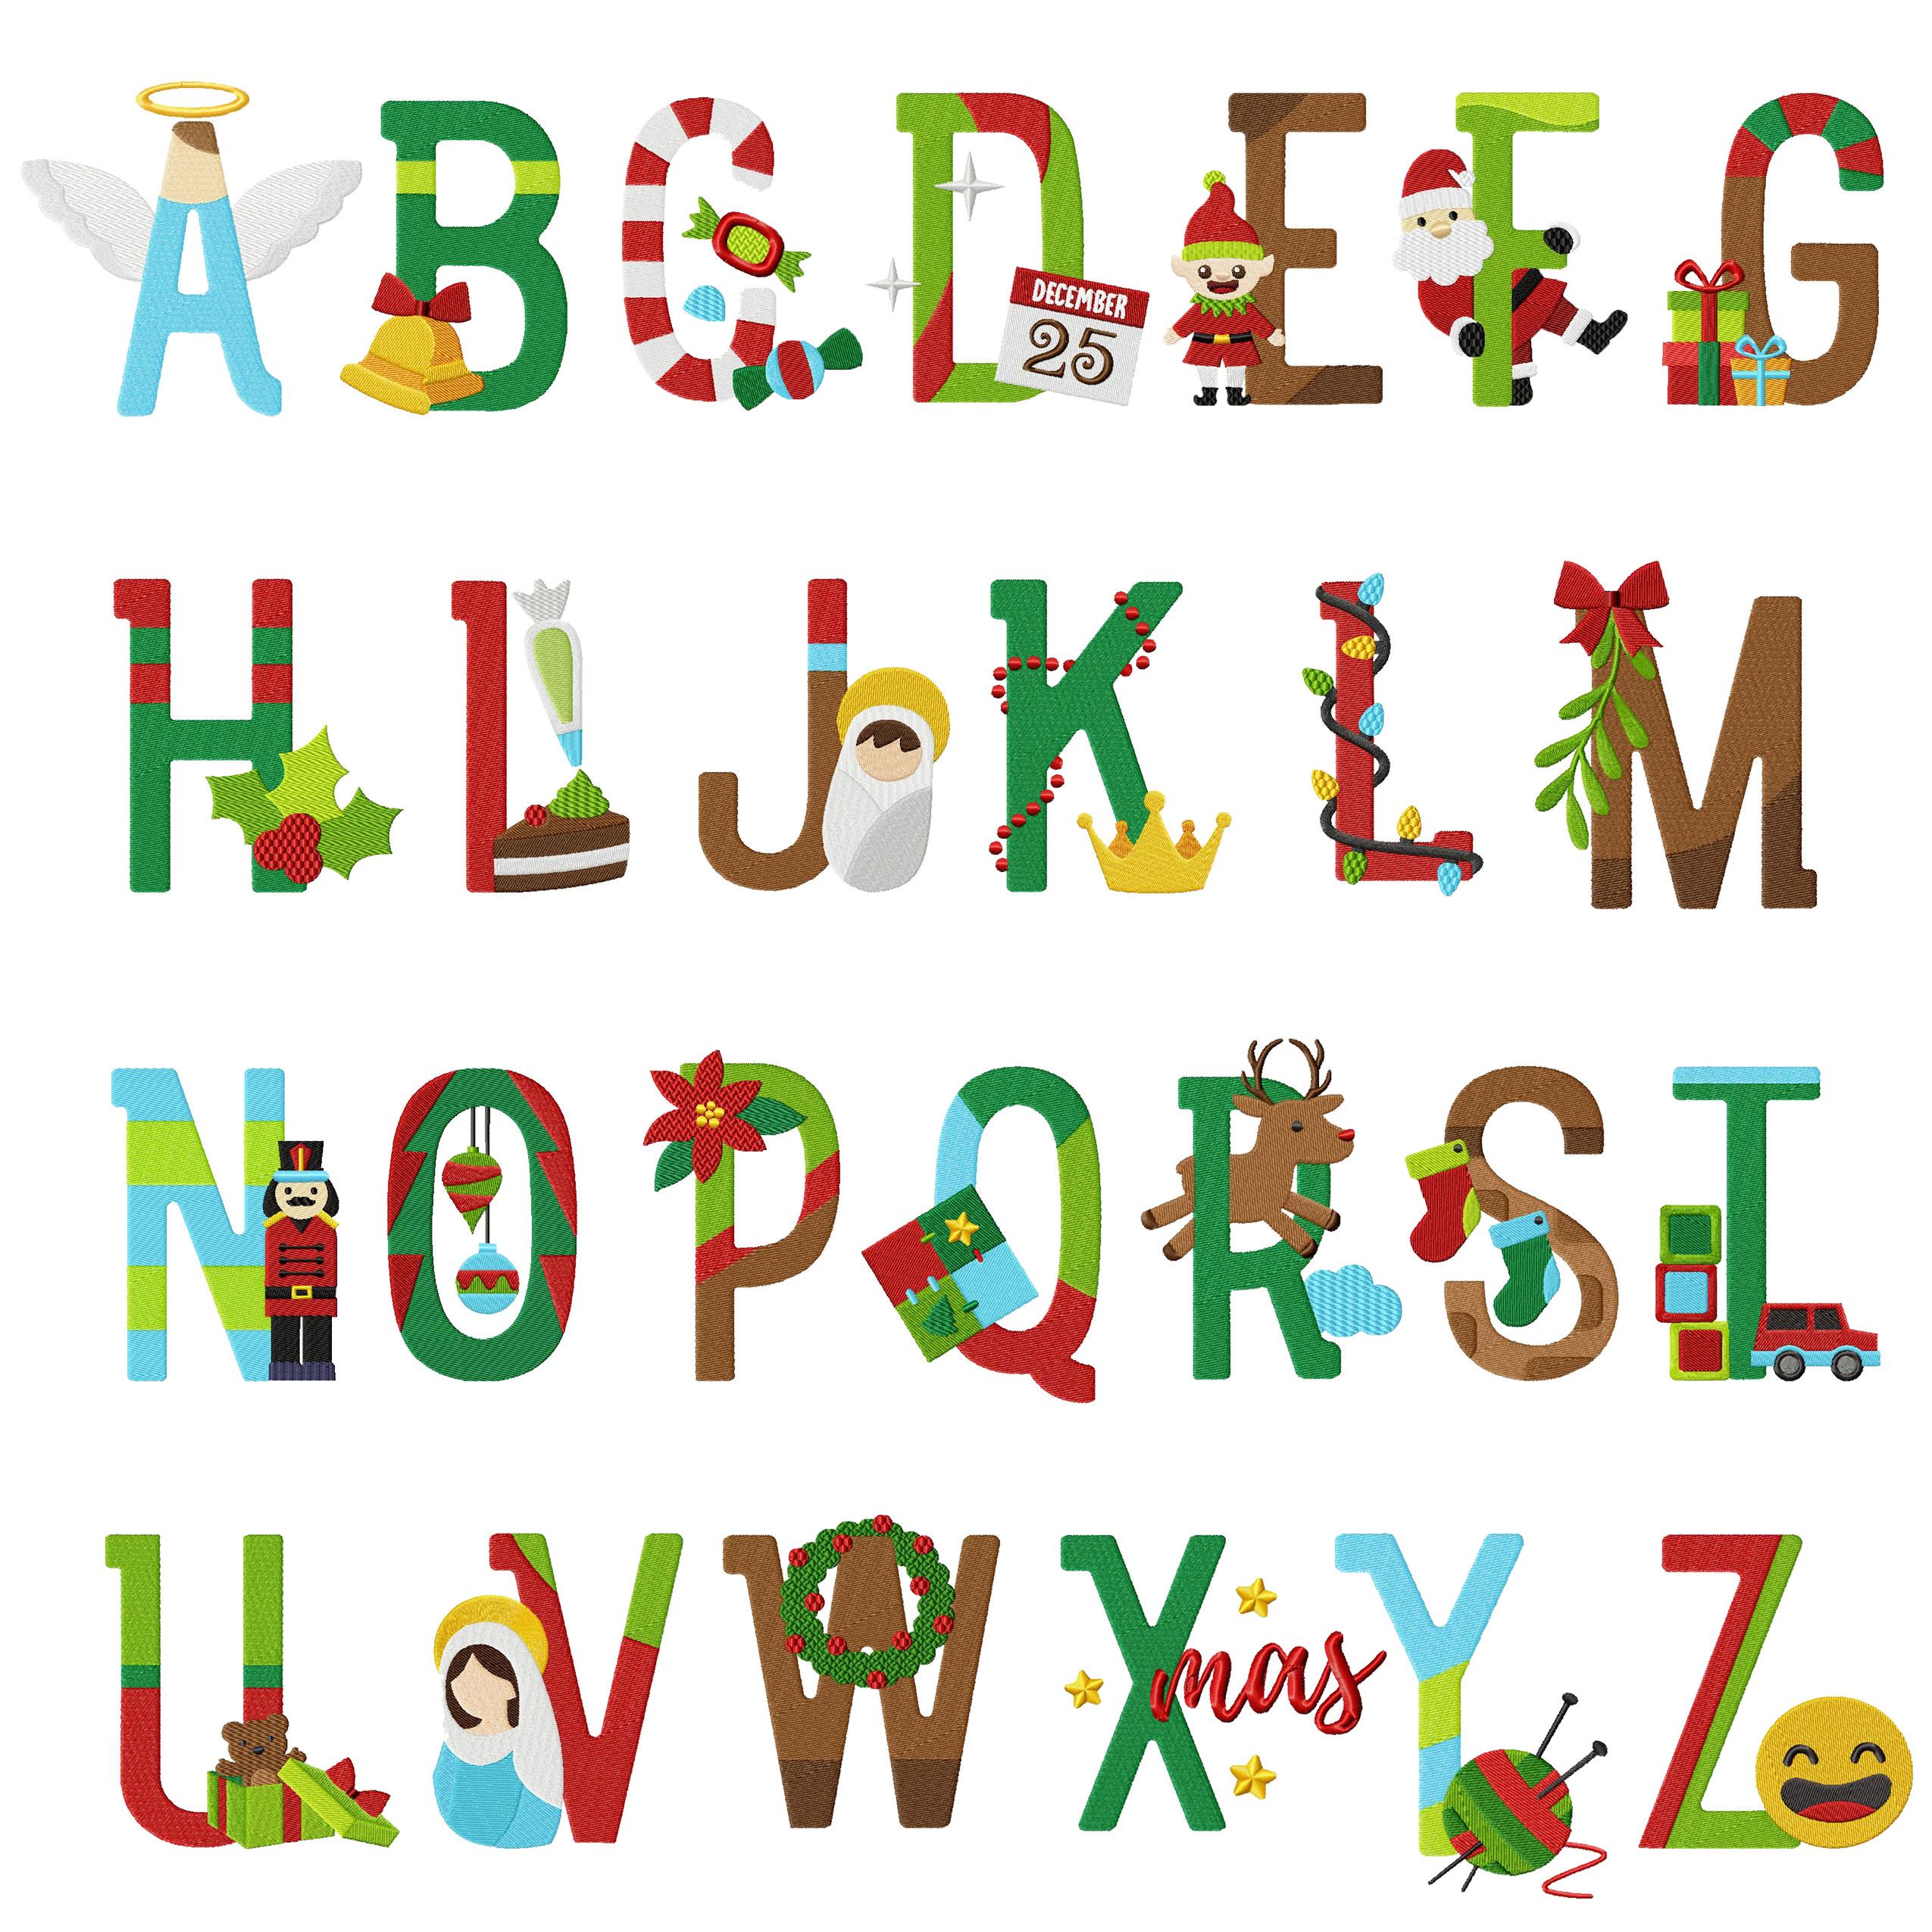 Christmas Alphabet.26 Christmas Alphabet Holiday Pack